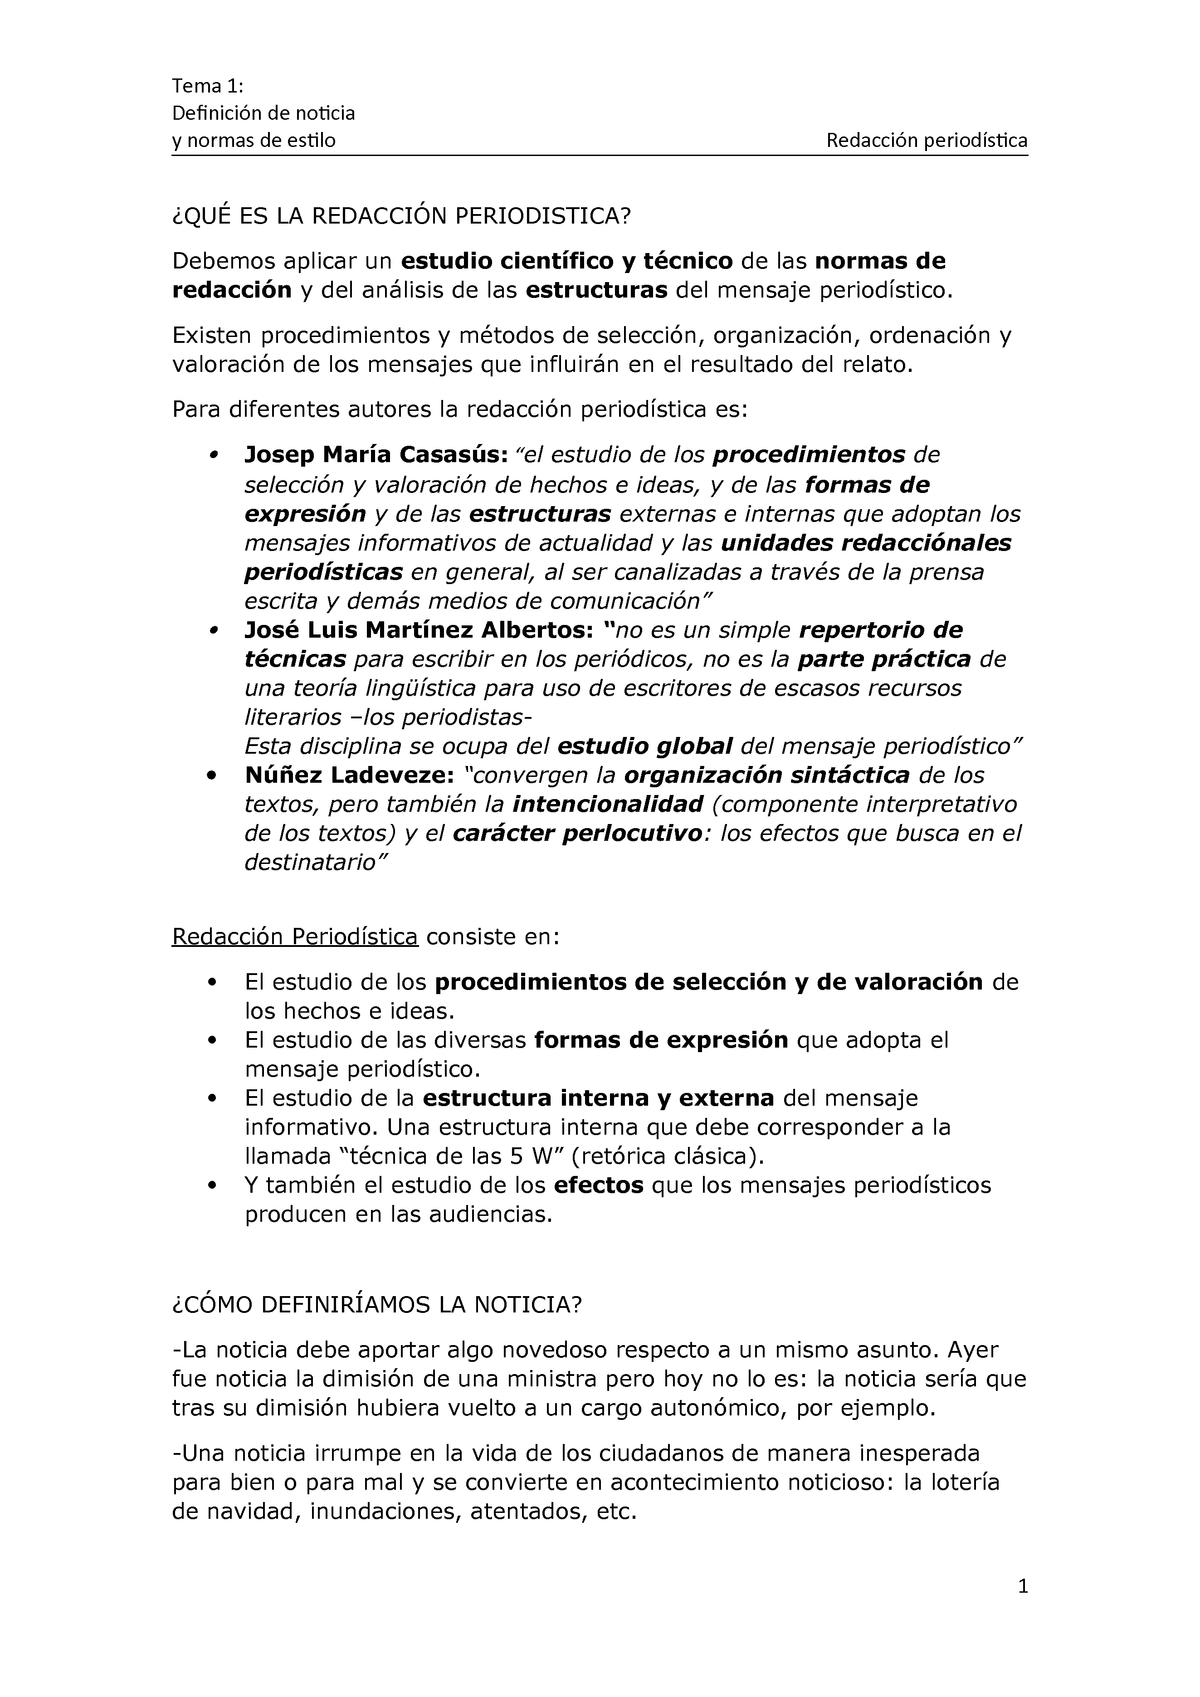 Tema 1 Apuntes 1 Redacción Periodística 2016 Urjc